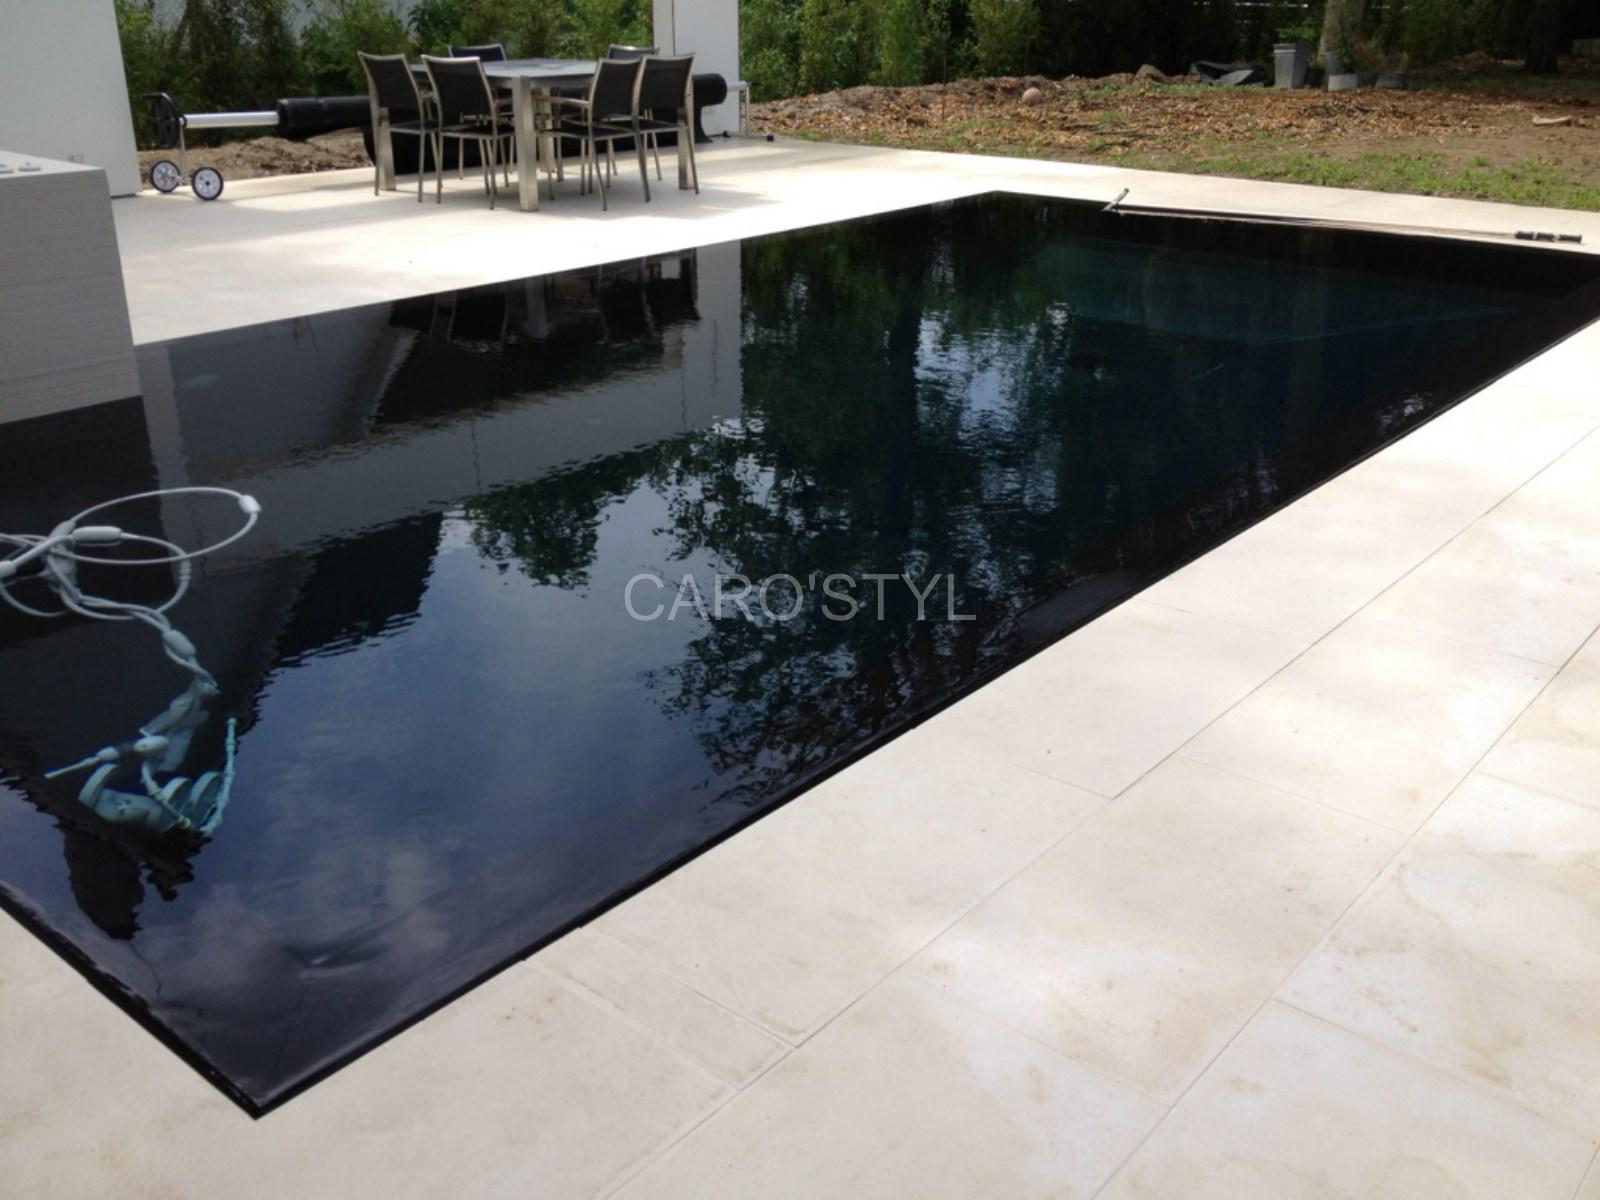 piscine miroir en carrelage noir et margelles et plage de piscine en pierre volcanique noire. Black Bedroom Furniture Sets. Home Design Ideas